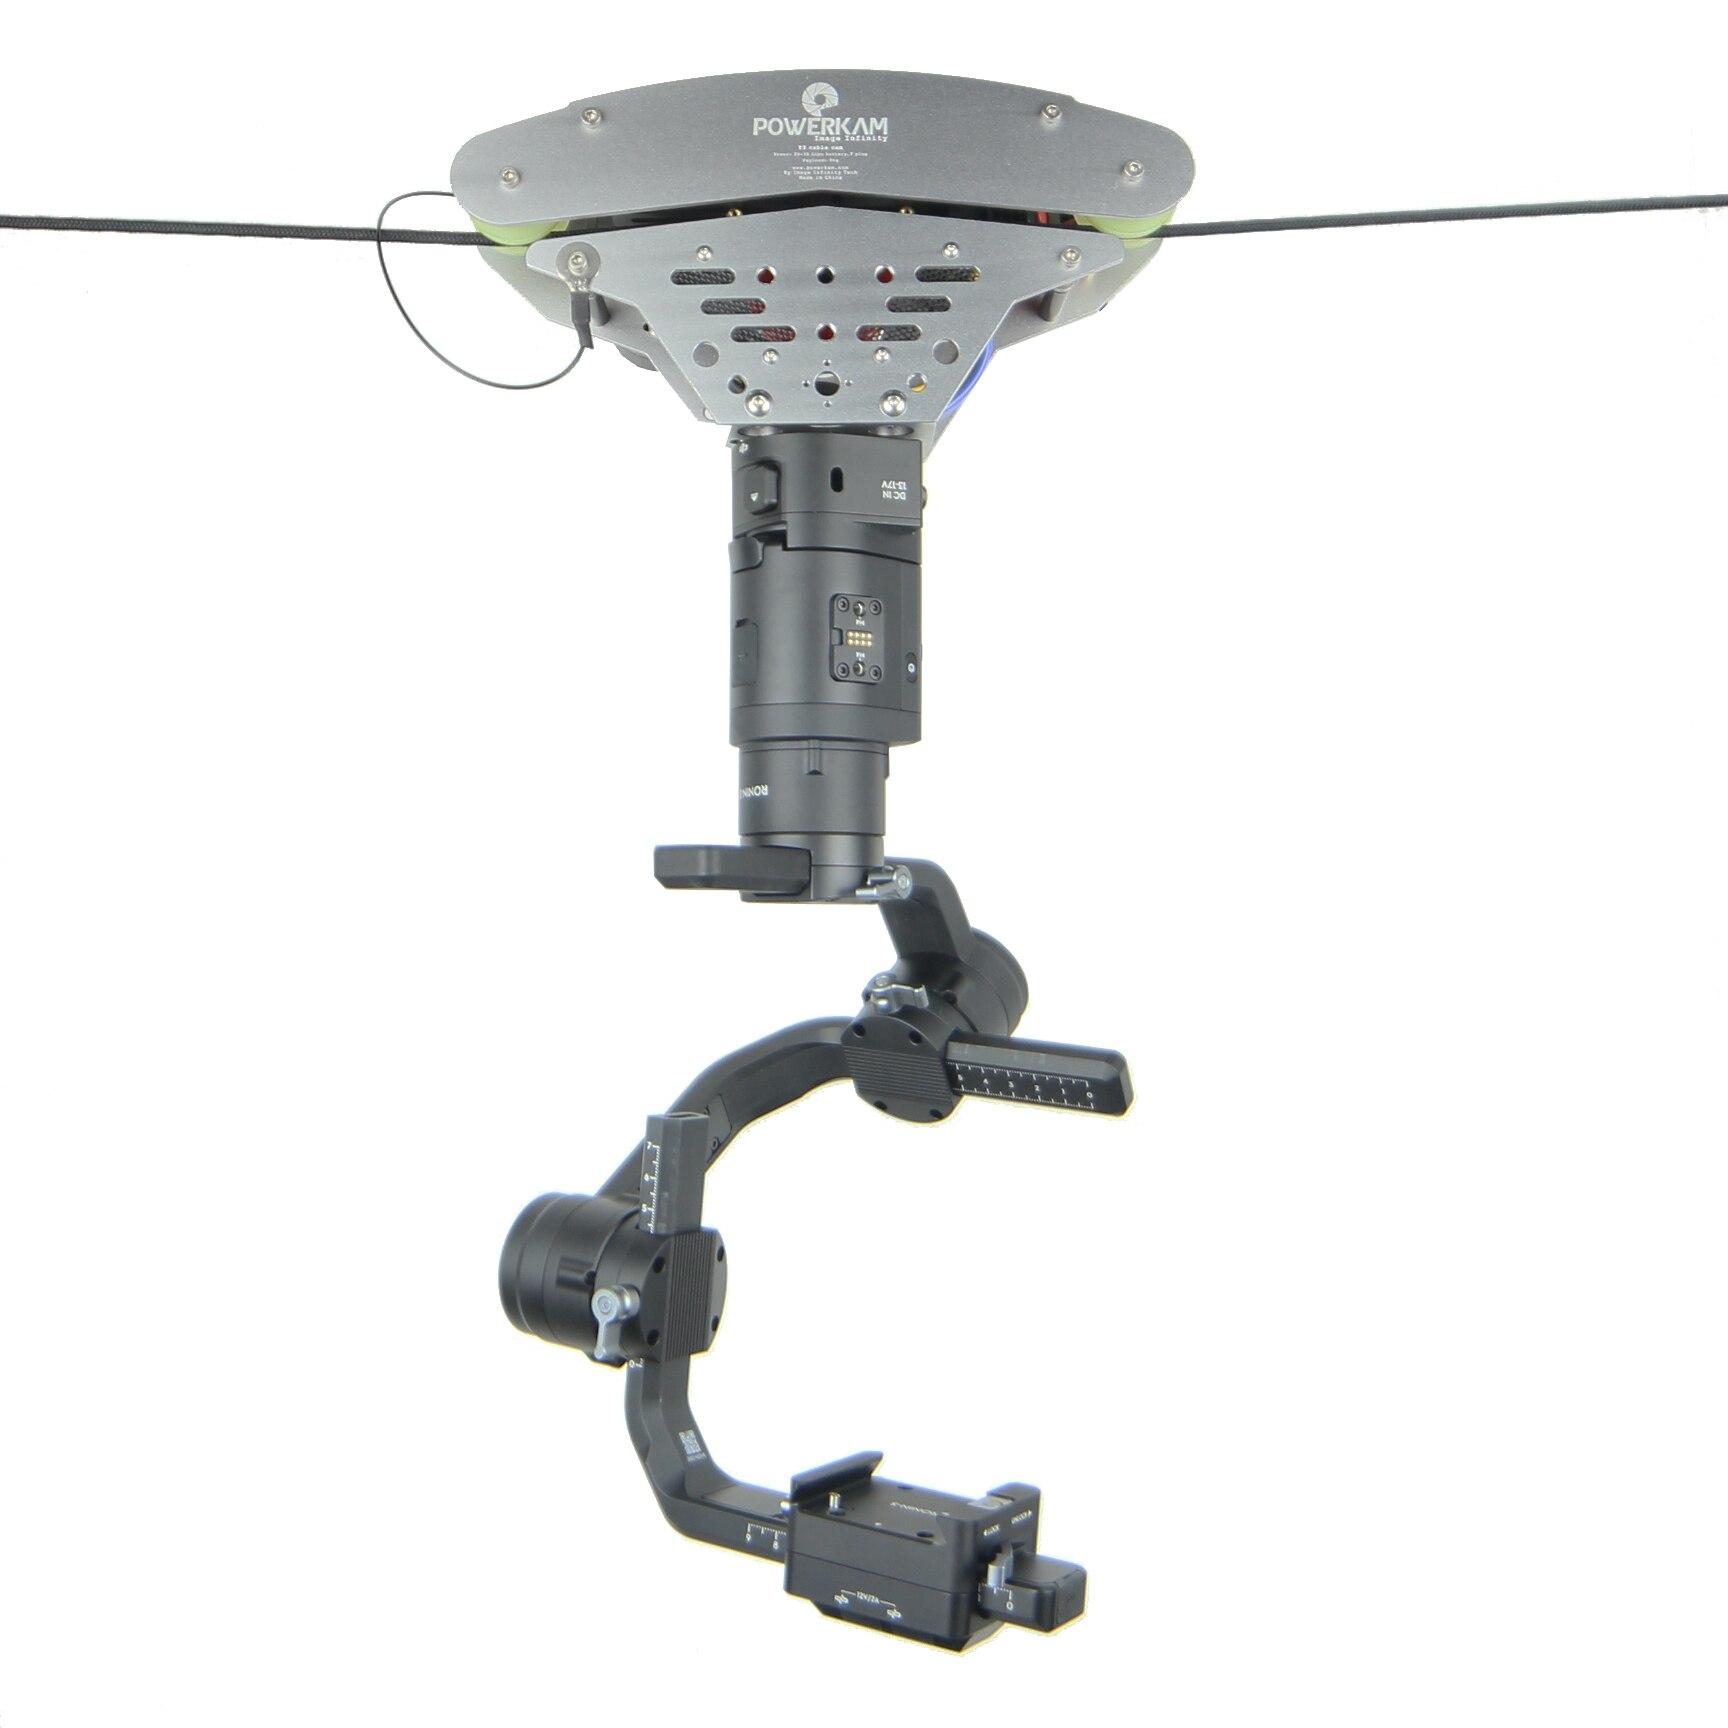 T1.6 câble cam rc tir voiture à distance pour RONIN avec détecteur d'arrêt automatique